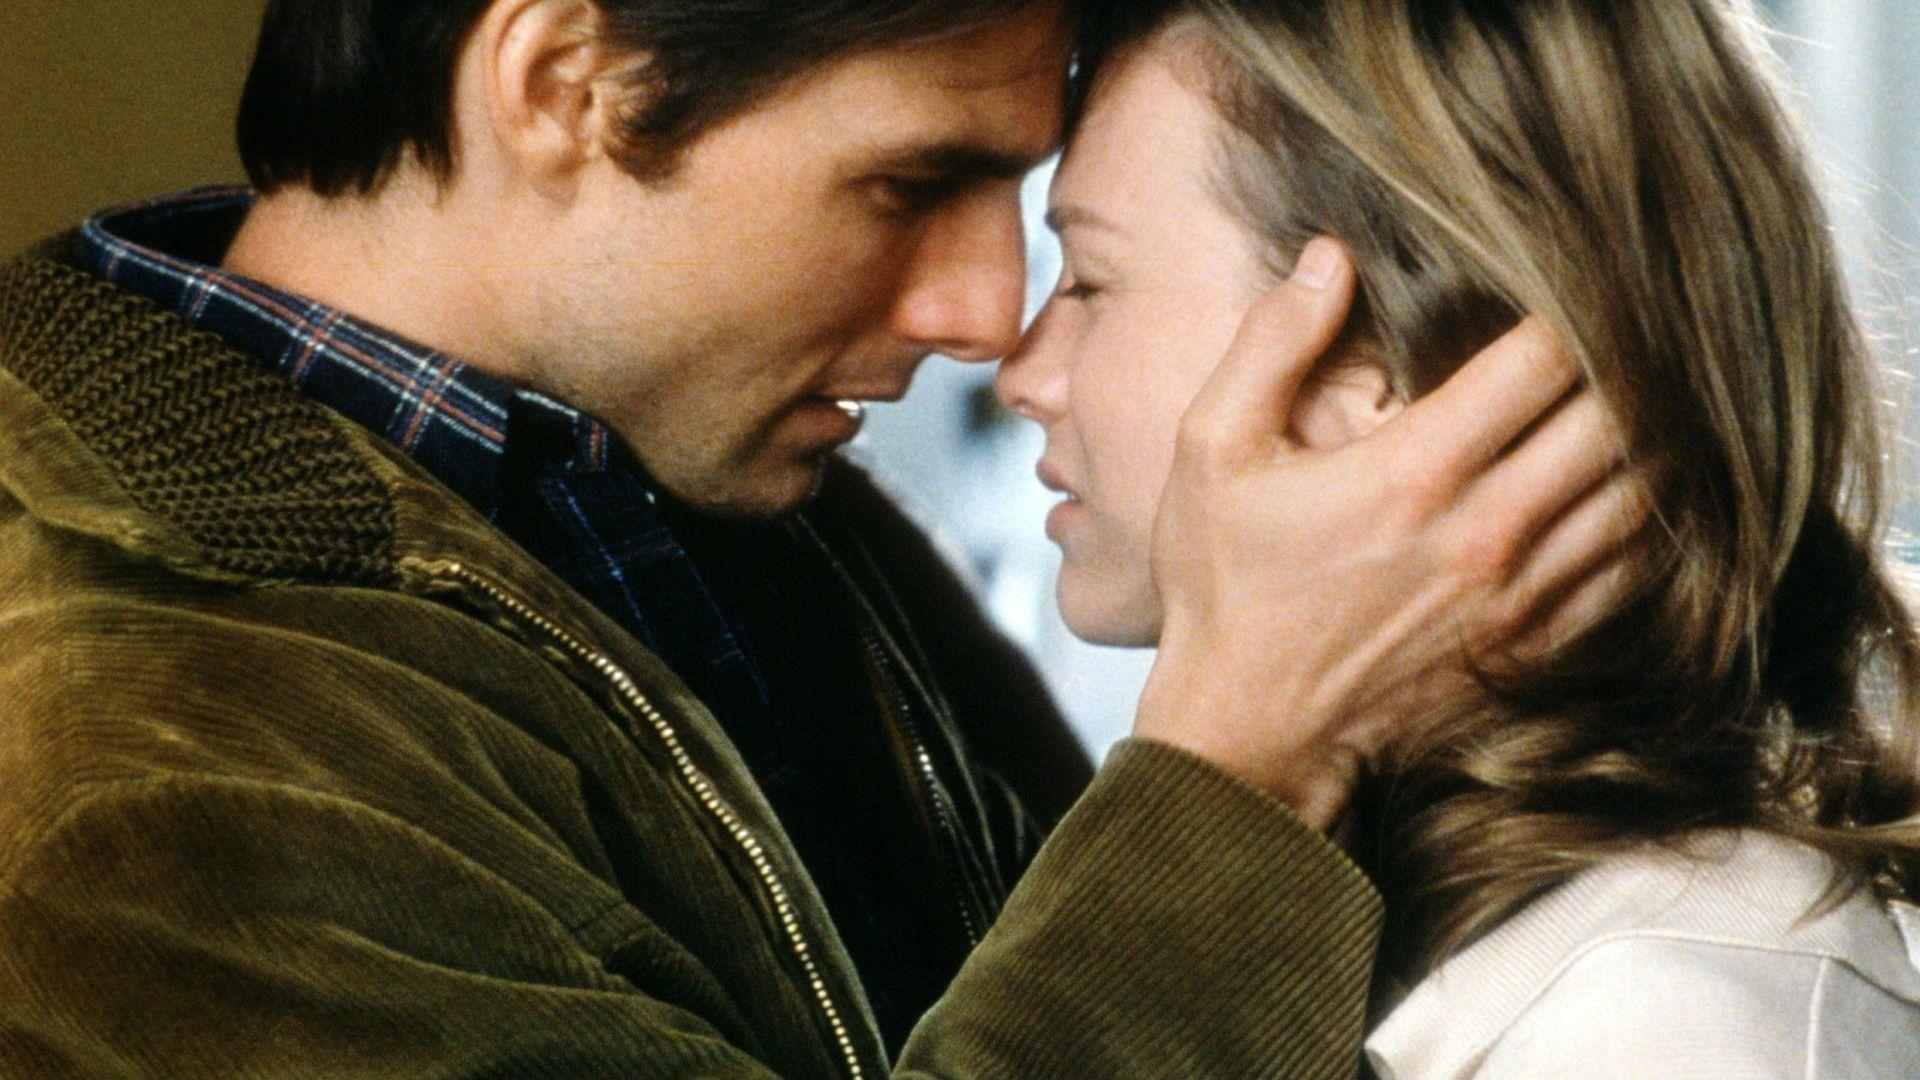 Ljubavne drame filmovi